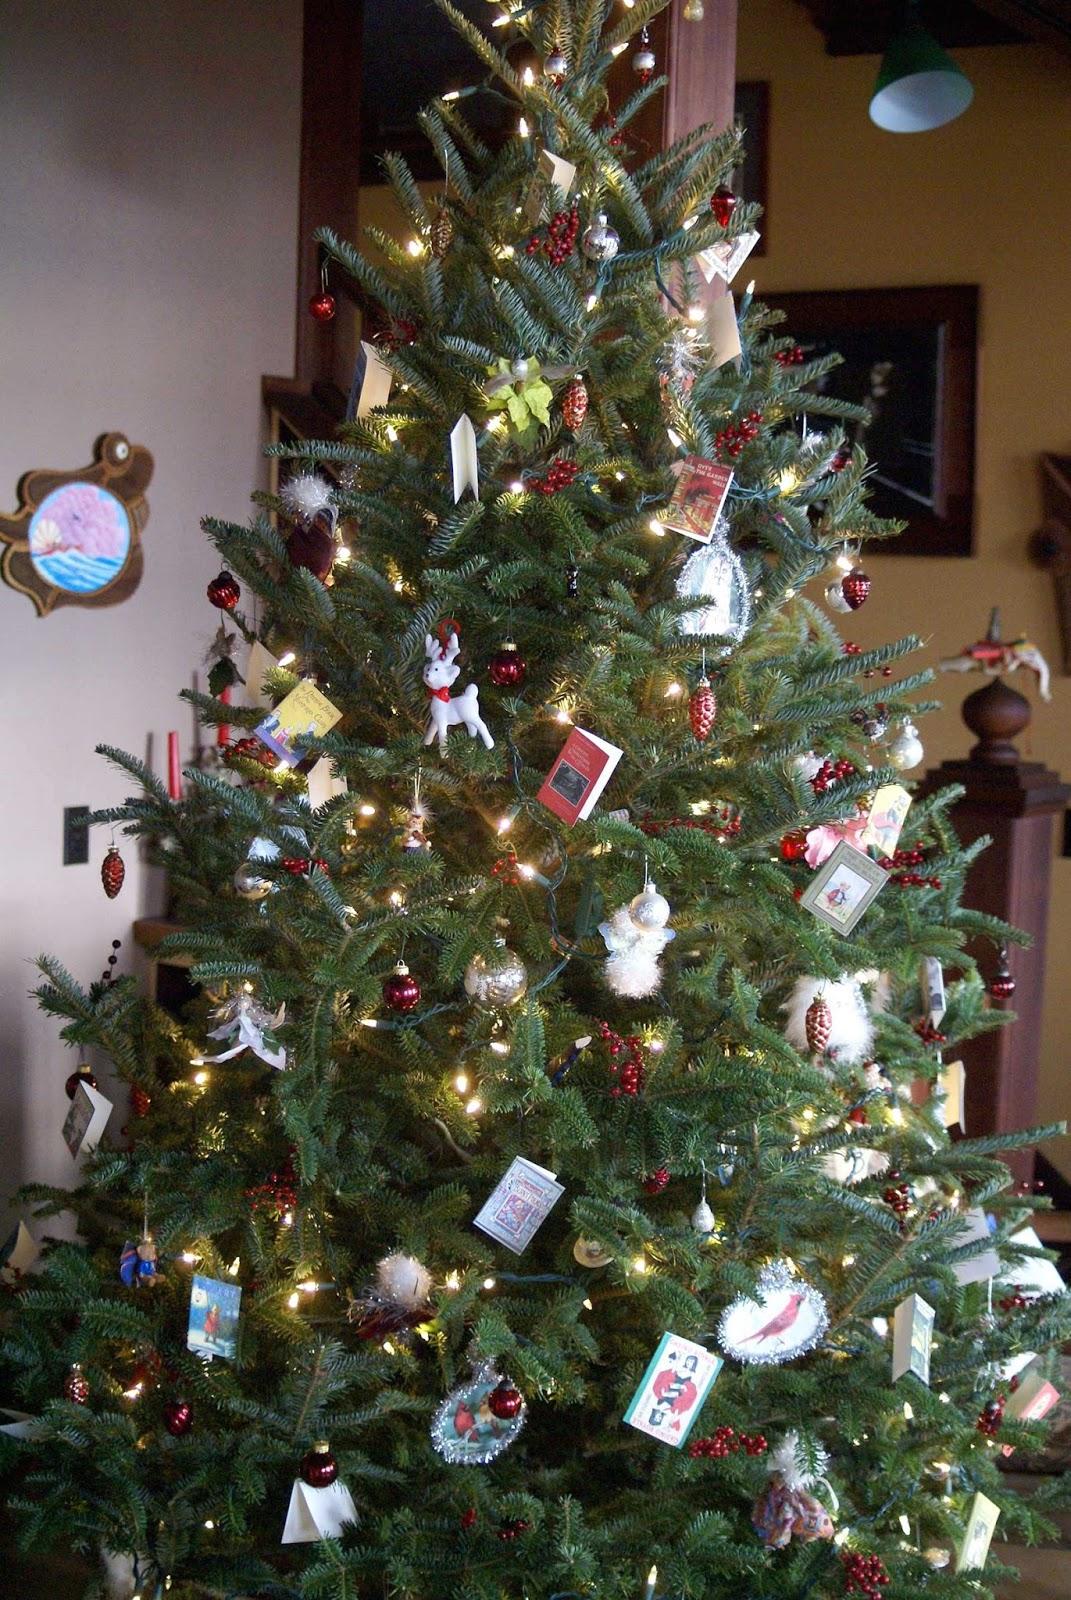 England Christmas Tree.Michael Haag An English Christmas In New England